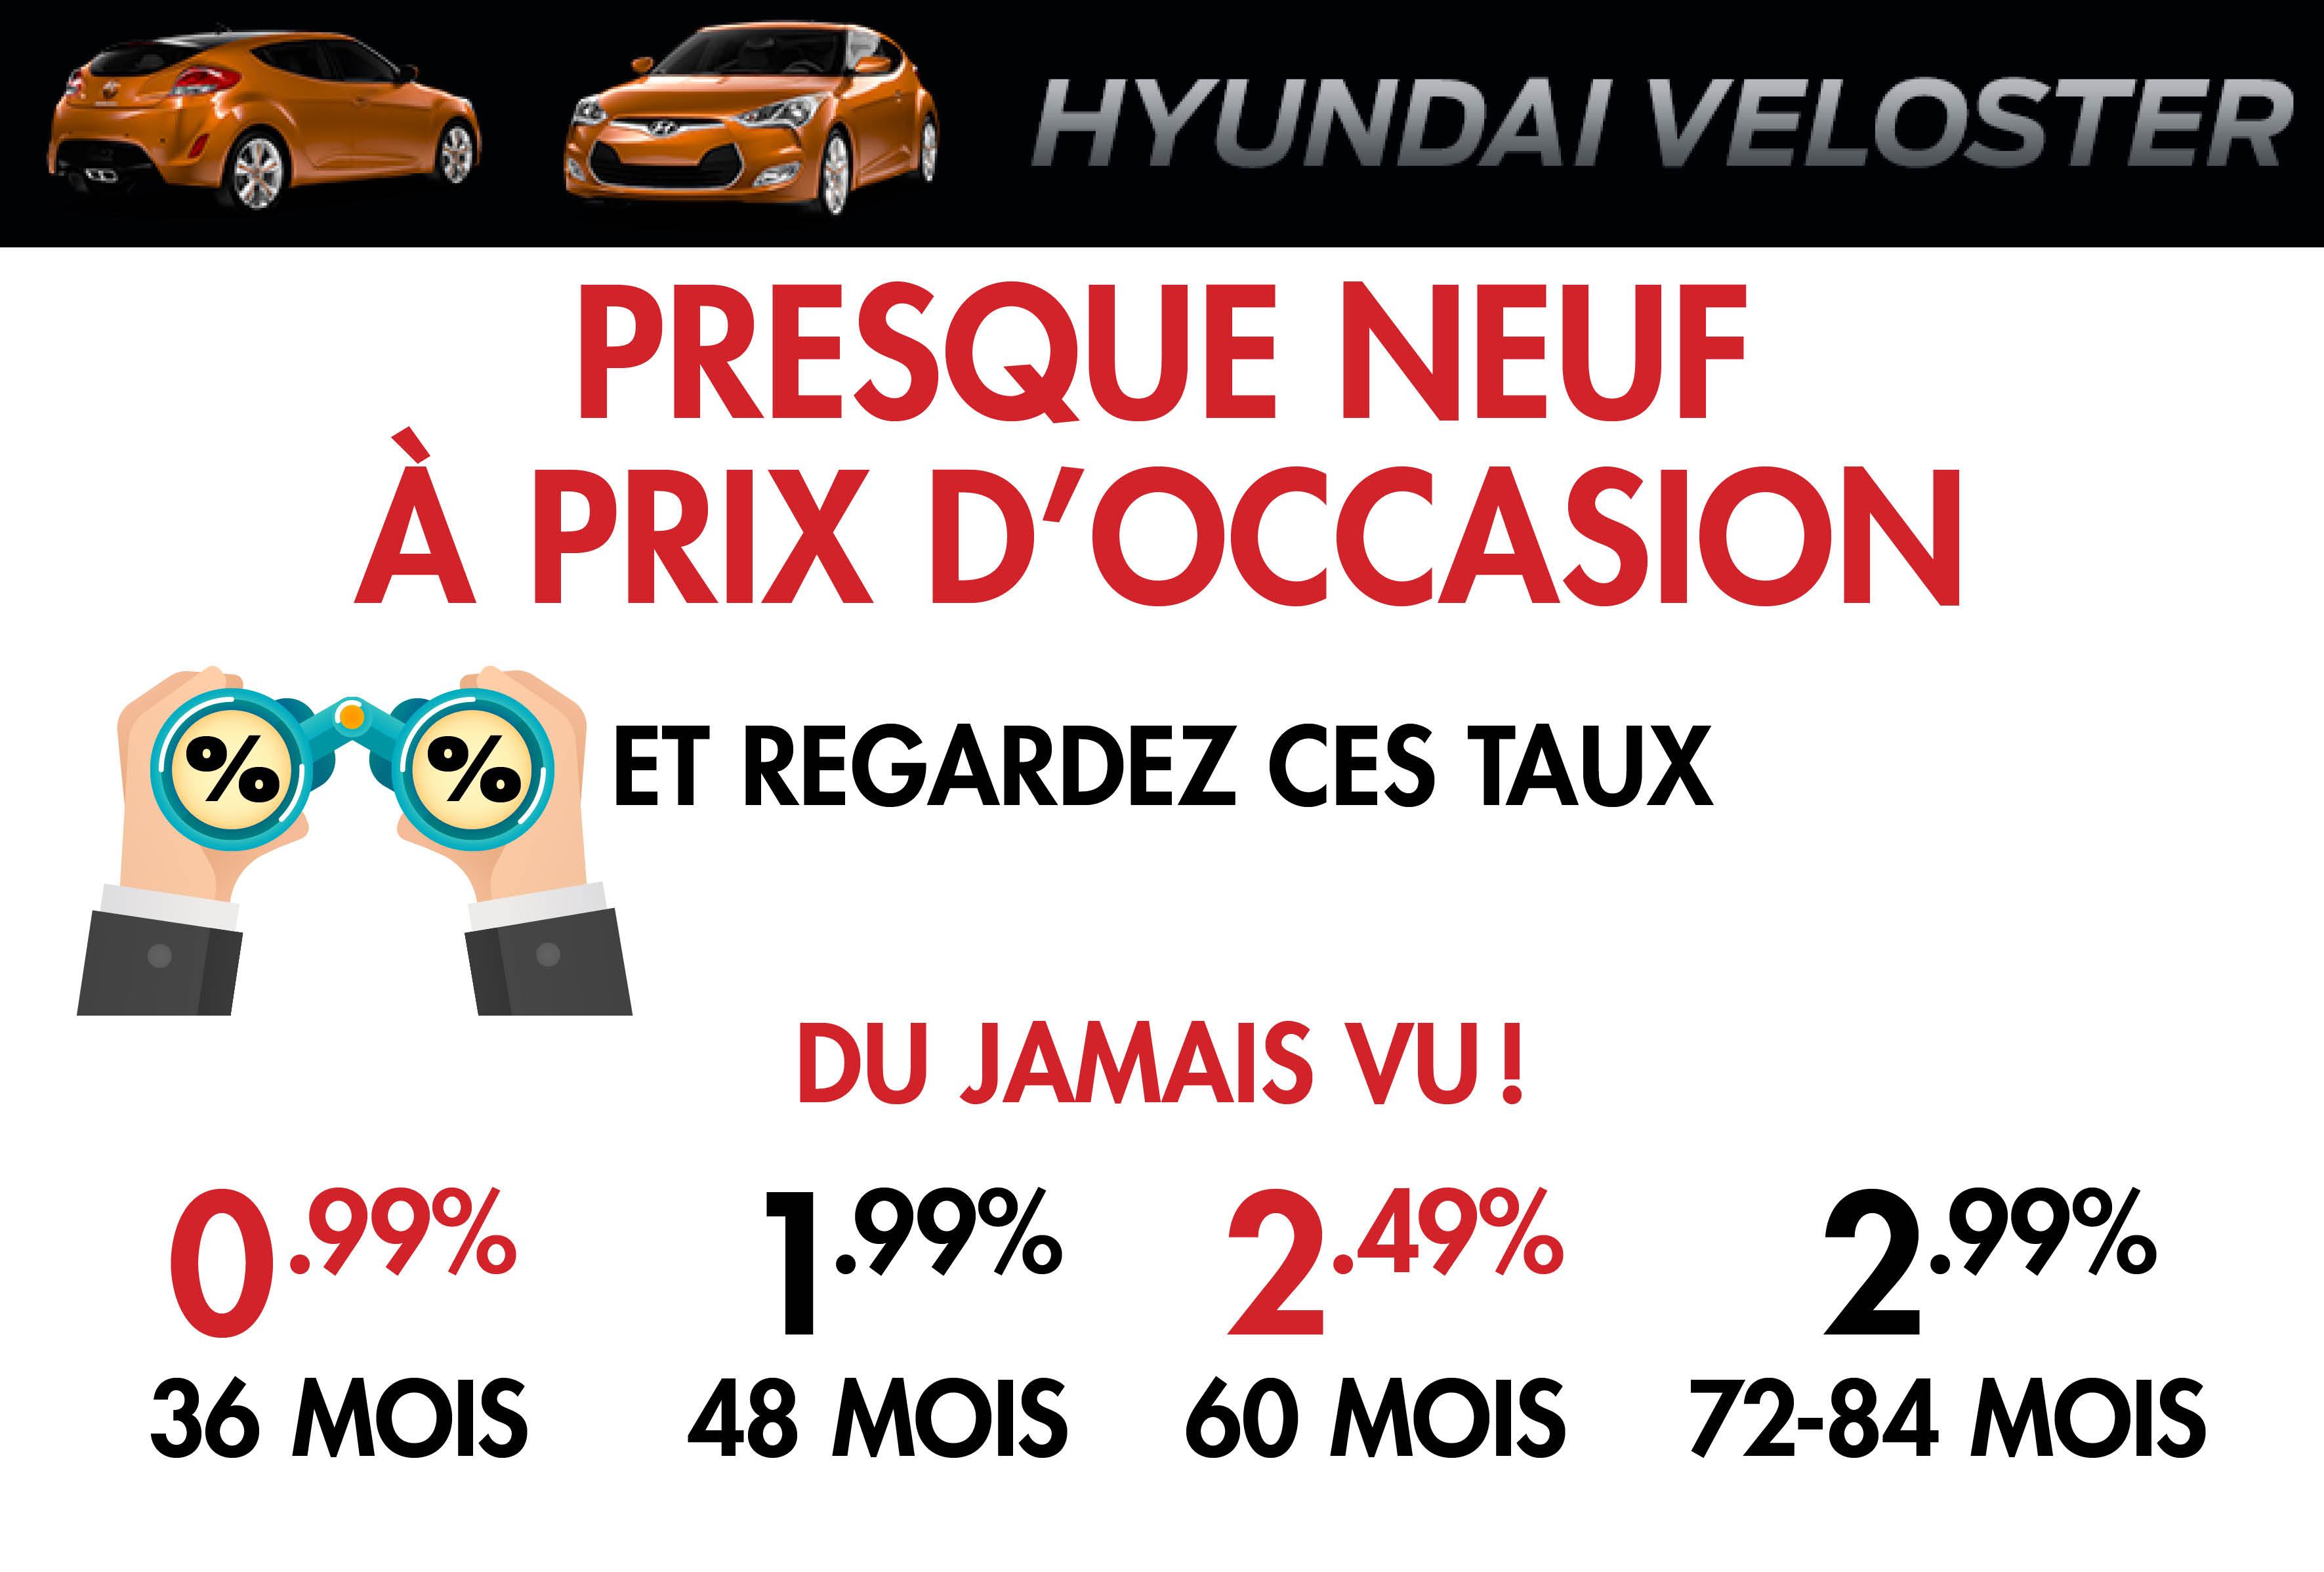 Hyundai Veloster d'occasion, usagés et démonstrateurs